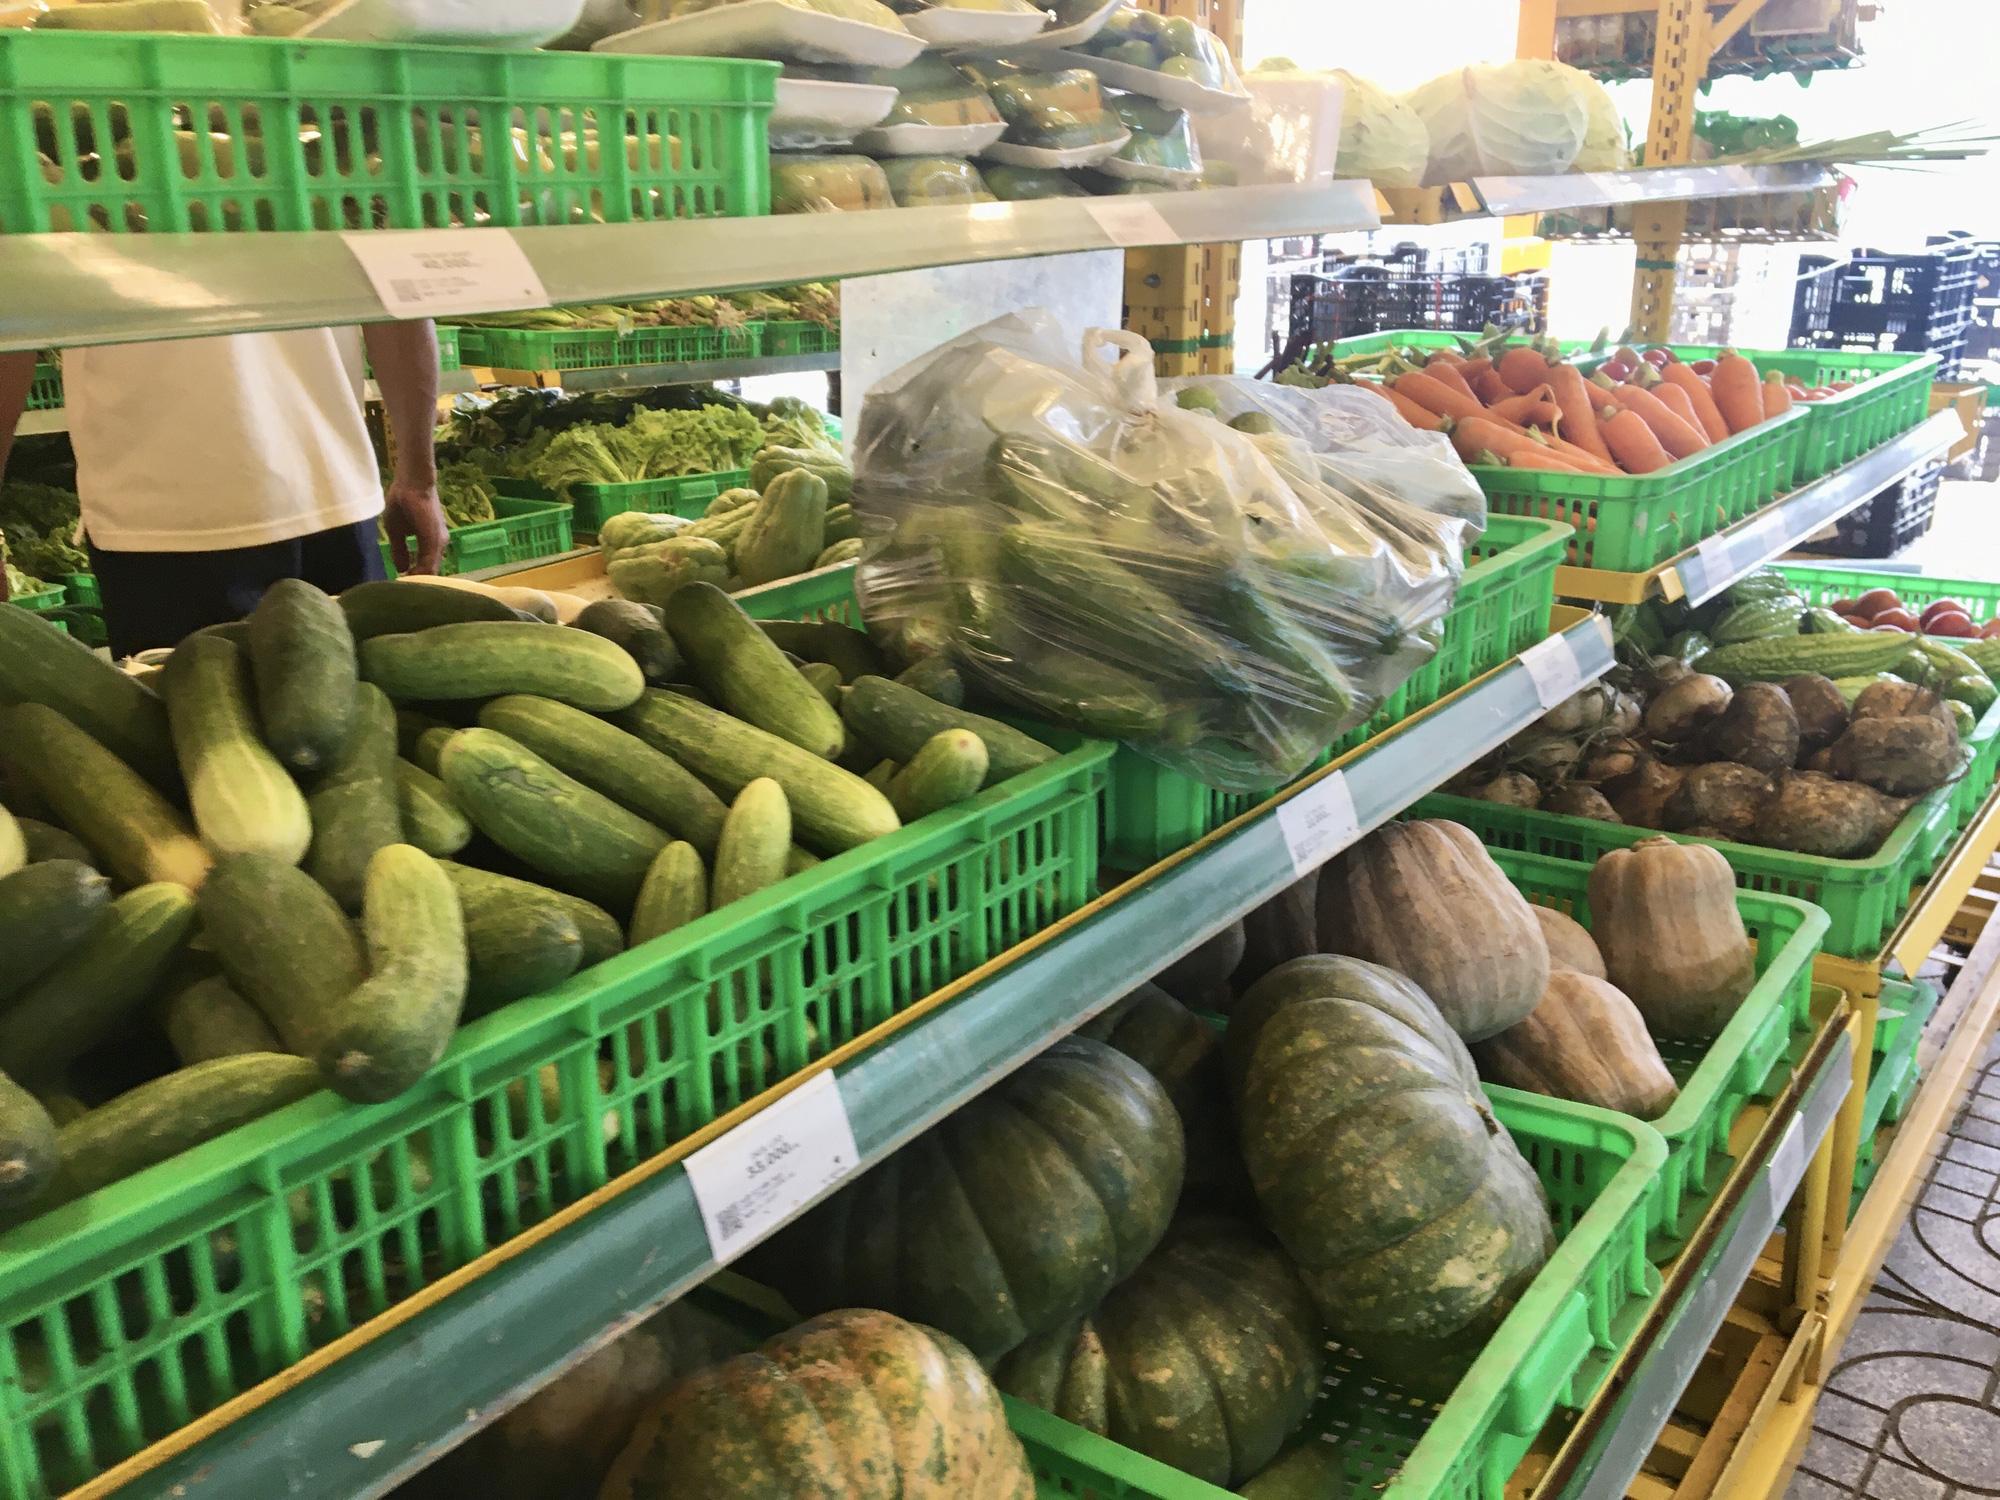 Giá rau củ tại chợ TP.HCM hạ nhiệt, người đến siêu thị giảm mạnh - Ảnh 2.